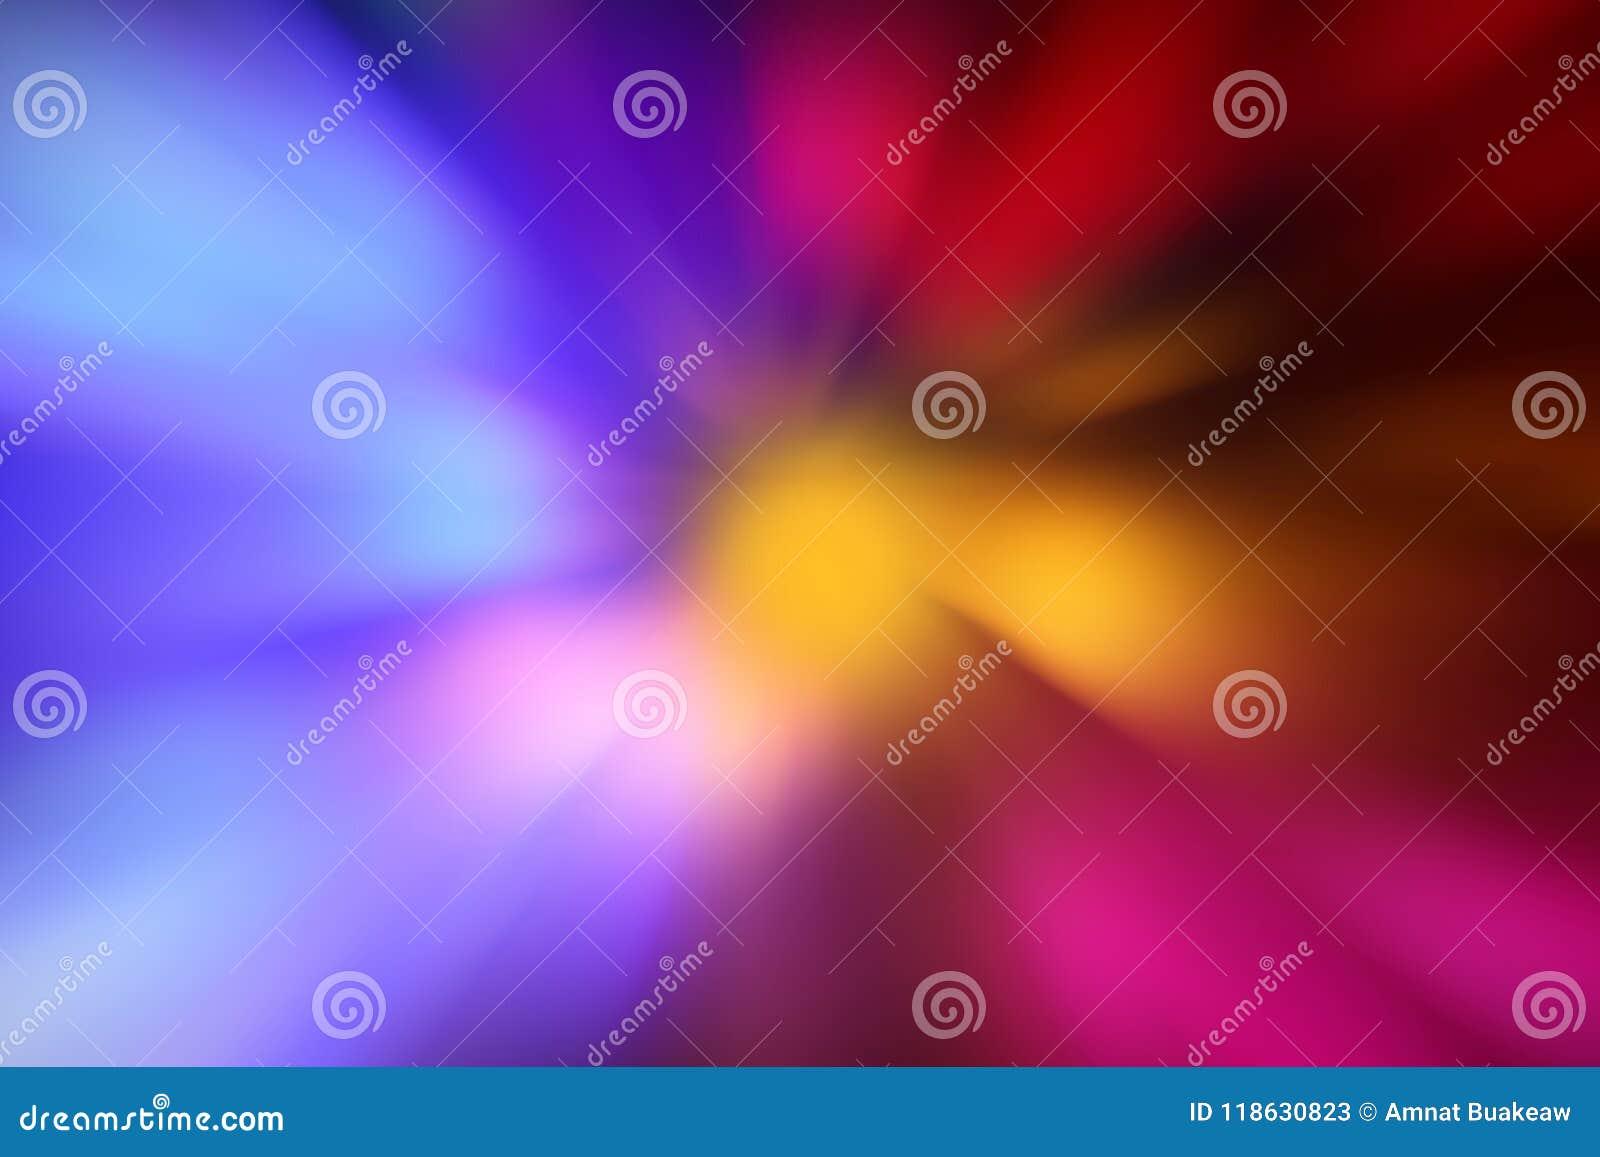 Zoom, blauer rosa heller Zoomeffekthintergrund, Beleuchtungs-Energietechnologie des bunten Radialsteigungseffektes digitale, LED-